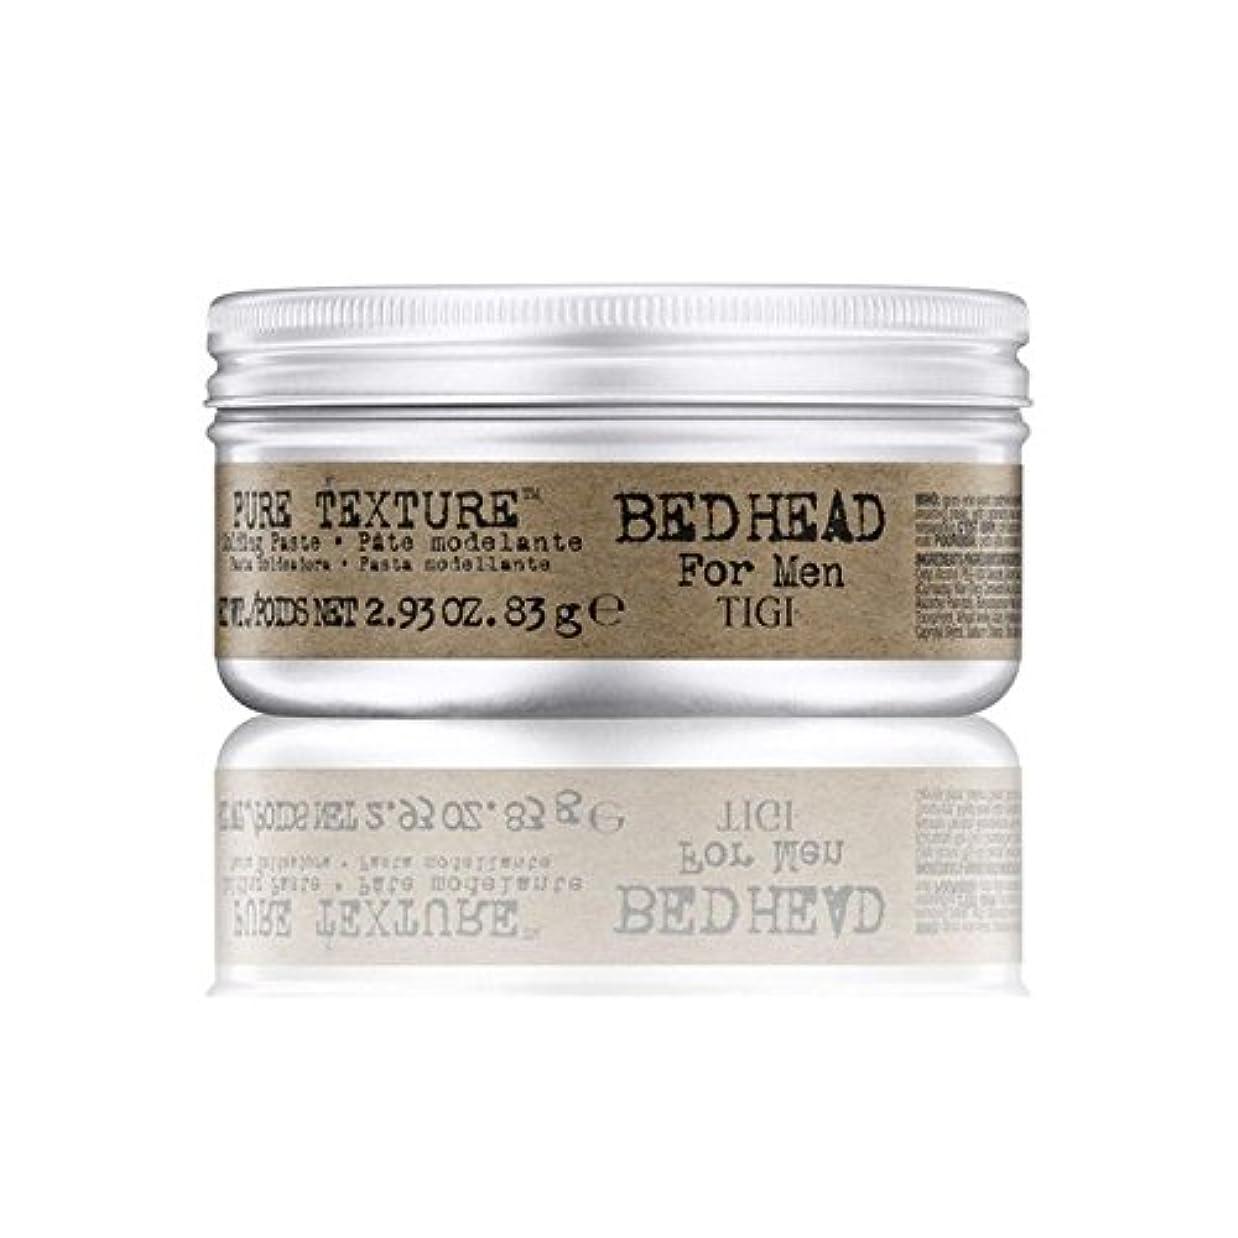 販売員短くする悪魔Tigi Bed Head For Men Pure Texture Molding Paste (83G) - 男性の純粋なテクスチャーモールディングペースト(83グラム)のためのティジーベッドヘッド [並行輸入品]